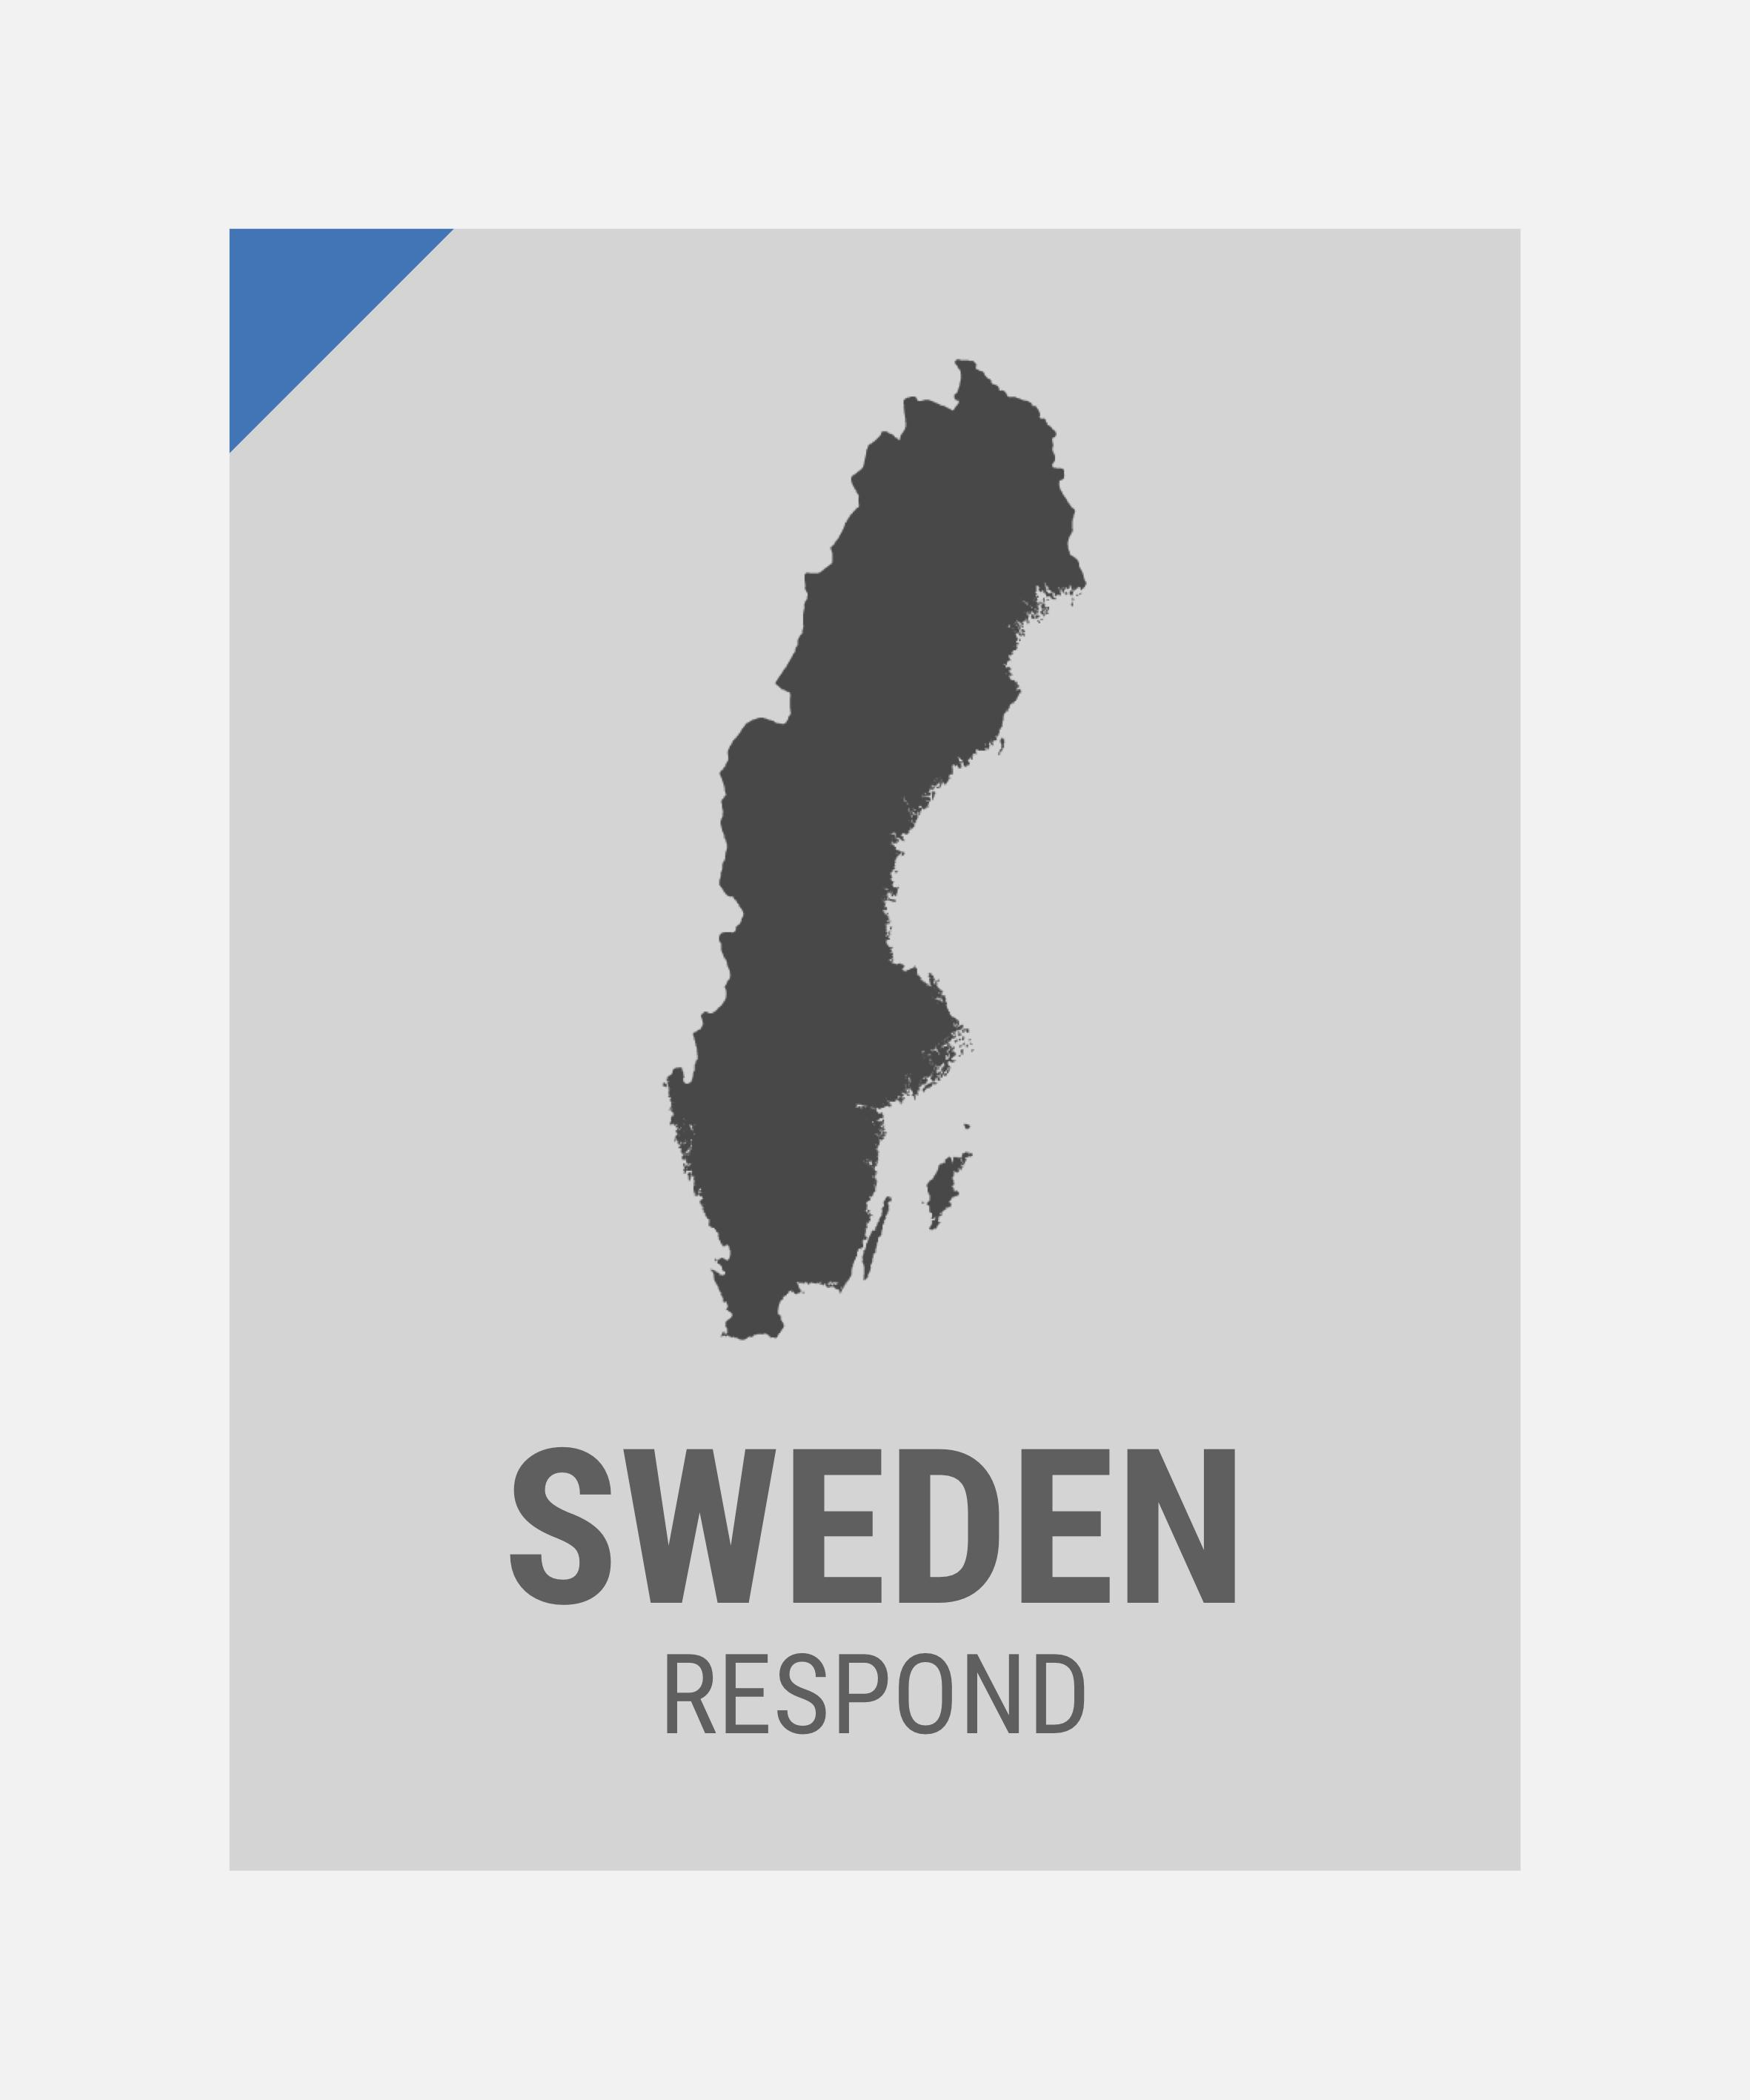 Sweden Image